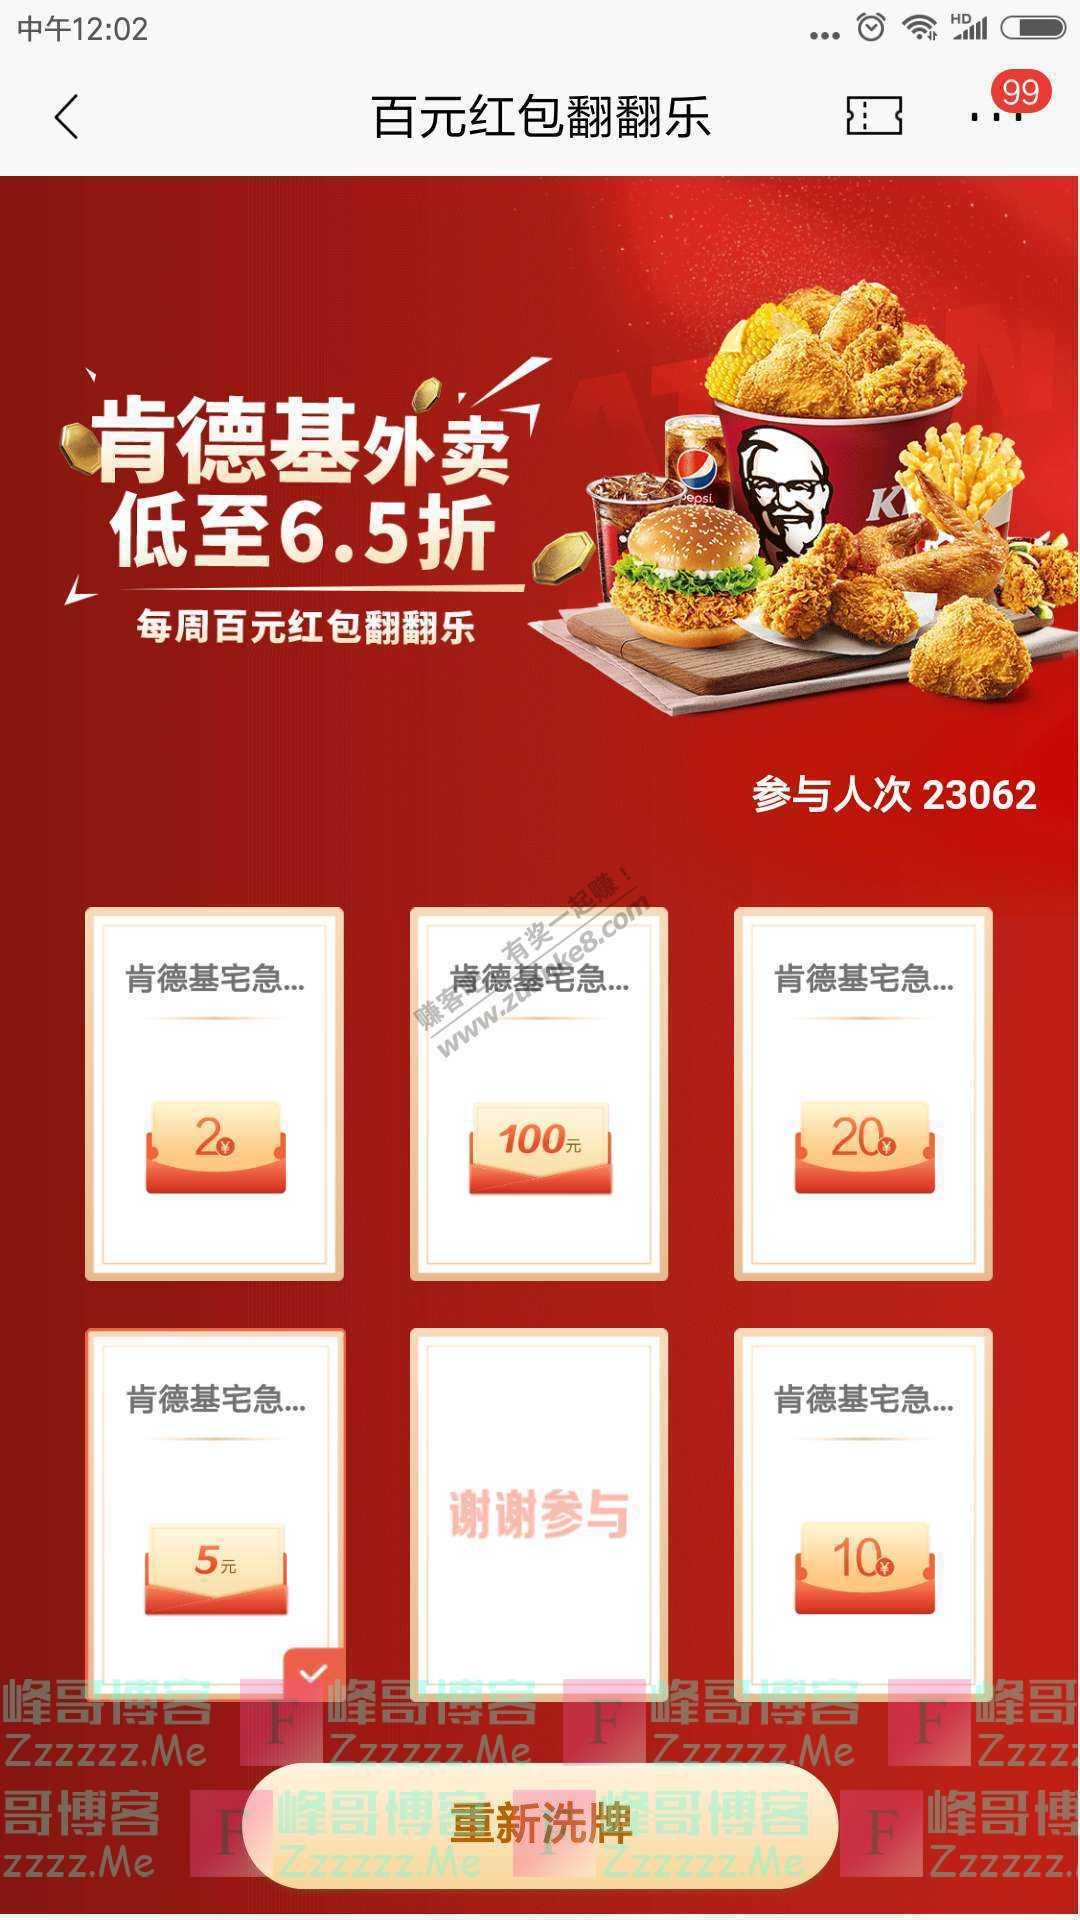 招商银行app百元红包翻翻乐(截止11月30日)